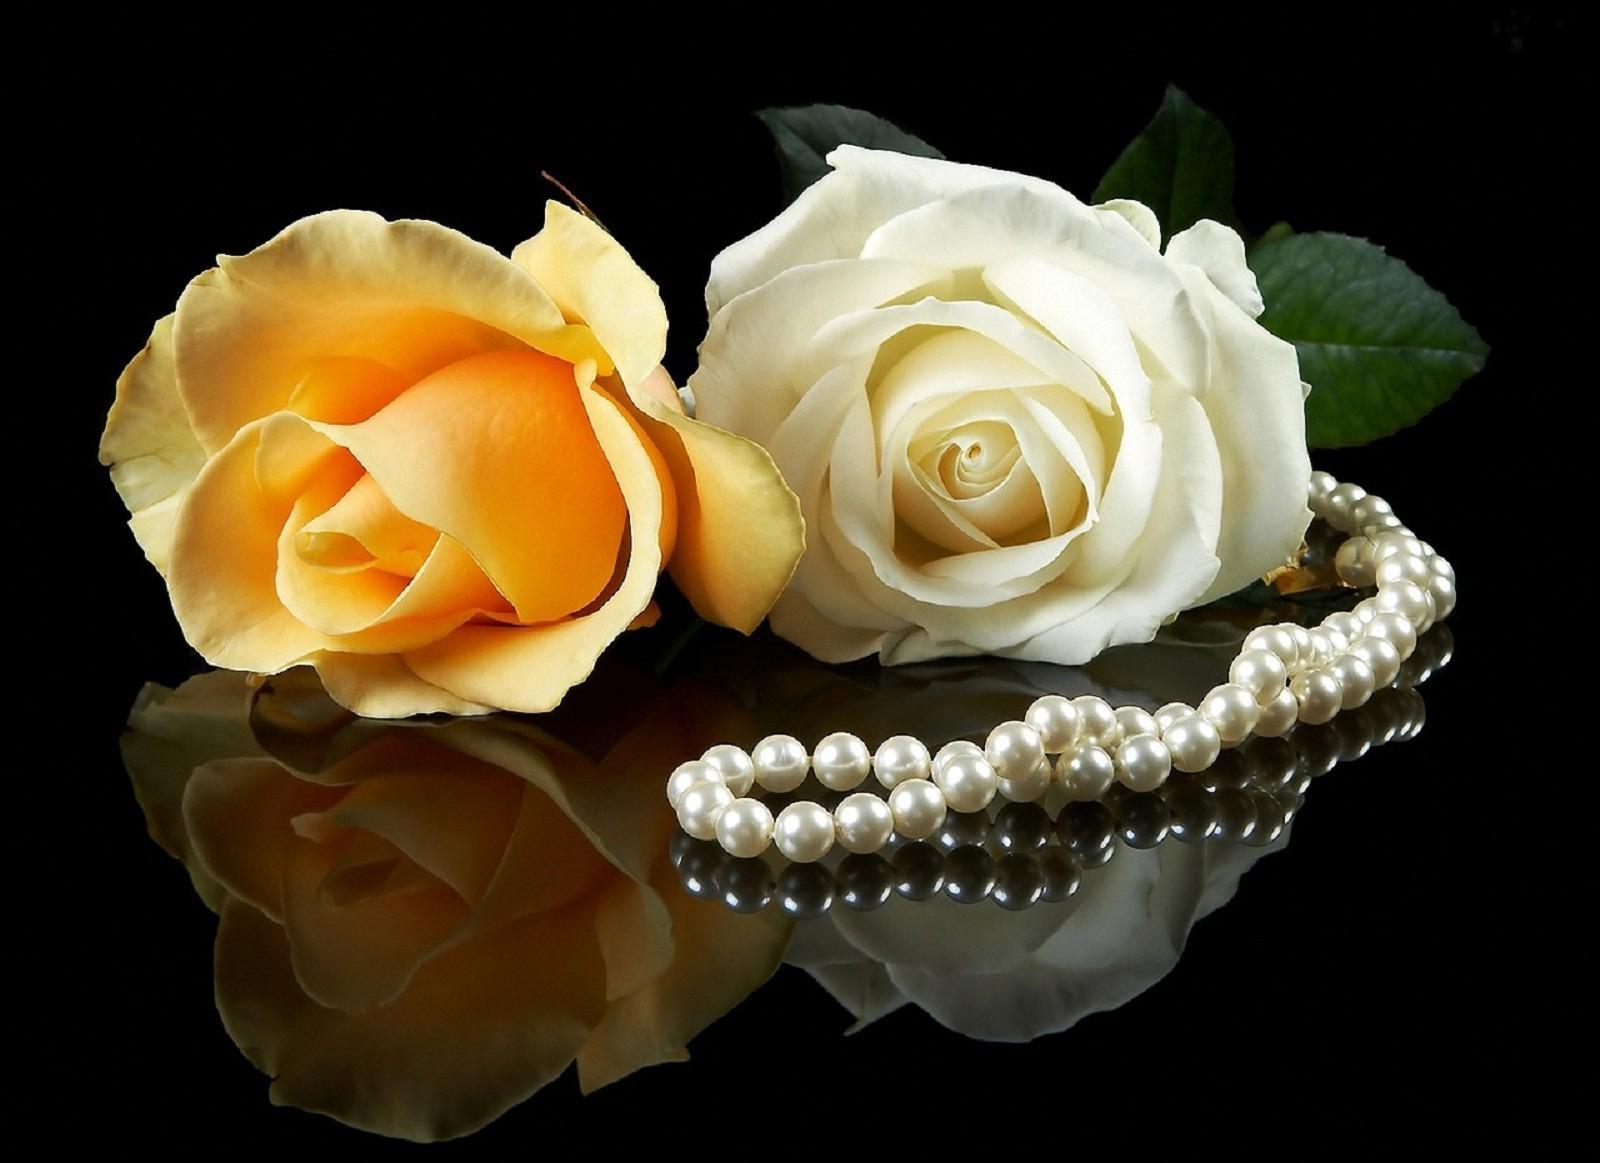 обои на рабочий стол розы и жемчуг скачать бесплатно № 126457 загрузить